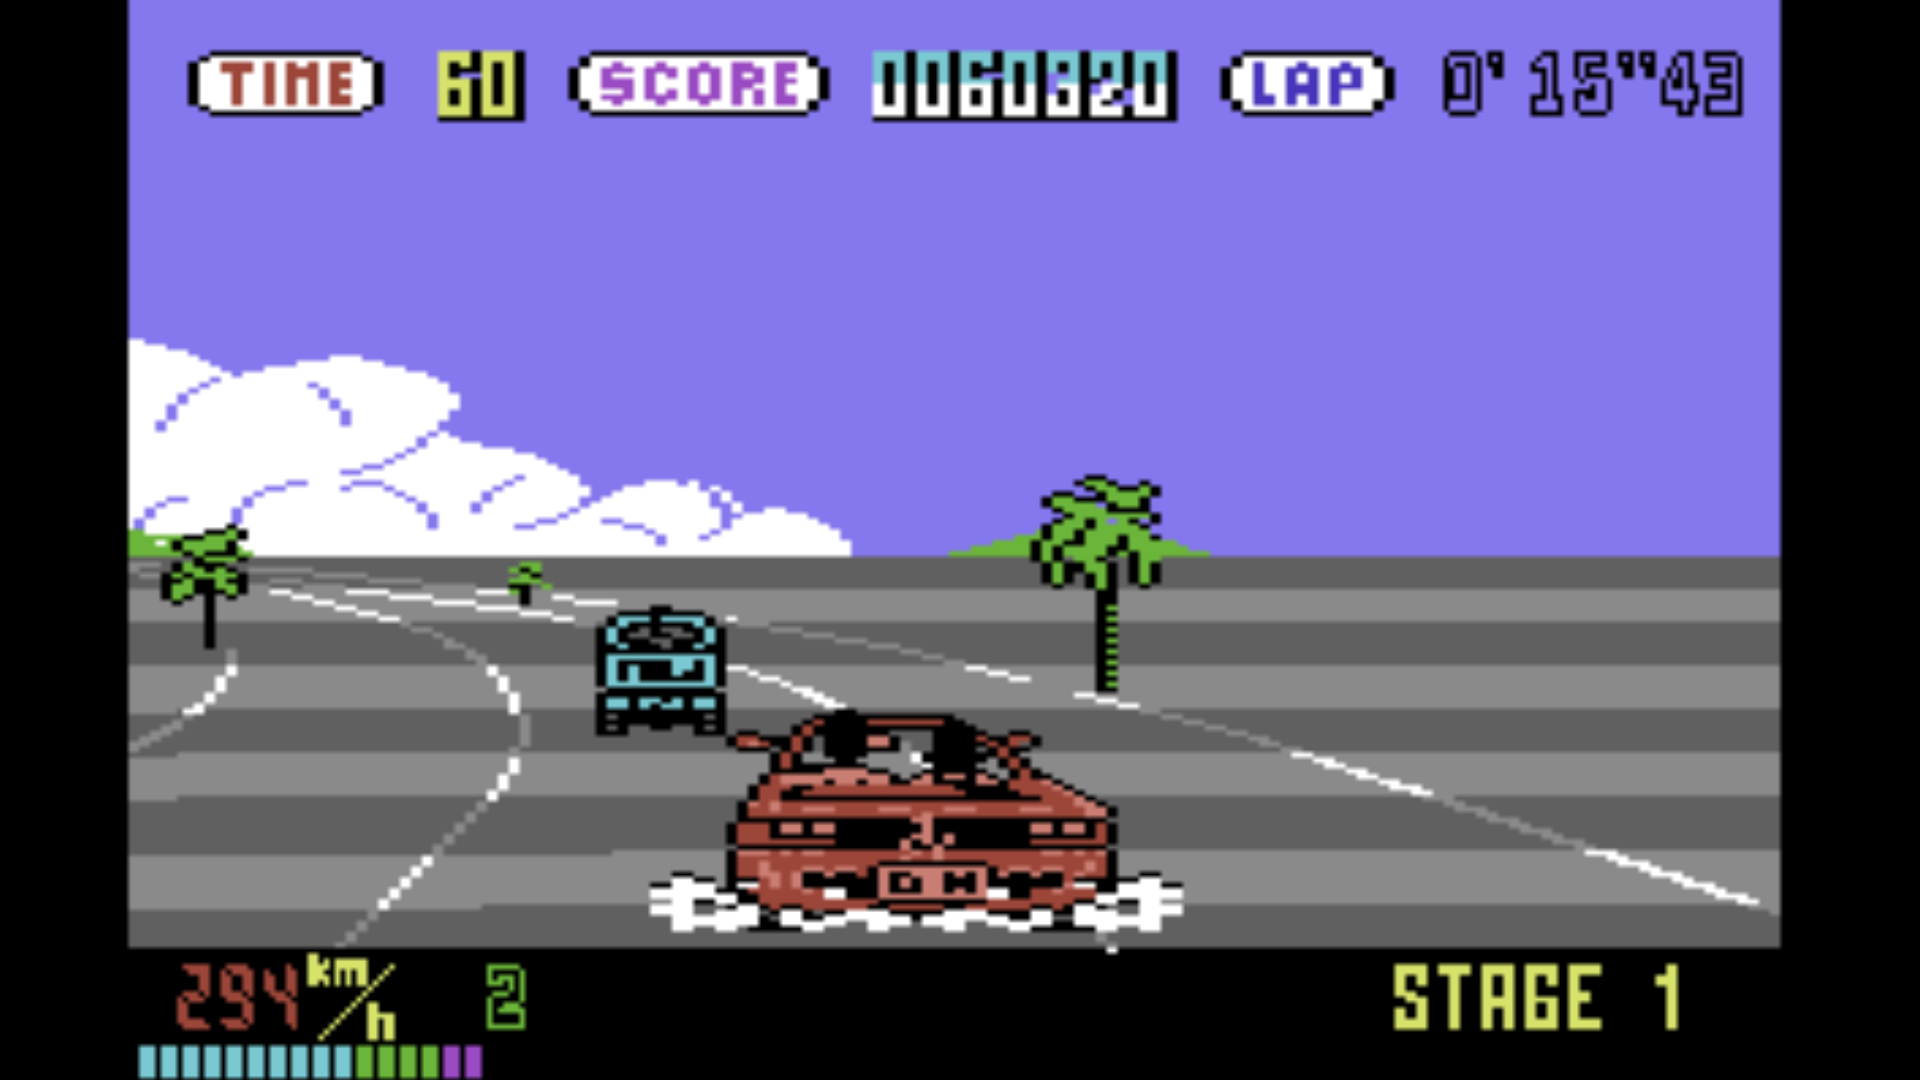 Jeder kannte, jede kaufte Out Run: Weihnachten 1987 brachte Segas Arkadekracher aus 1986 nach Hause. Wenngleich die Konvertierungen zweifelhafter Qualität waren, fesselte U.S. Gold, die Schulleistung musste einen Gang zurückschalten. (Bild: US Gold)